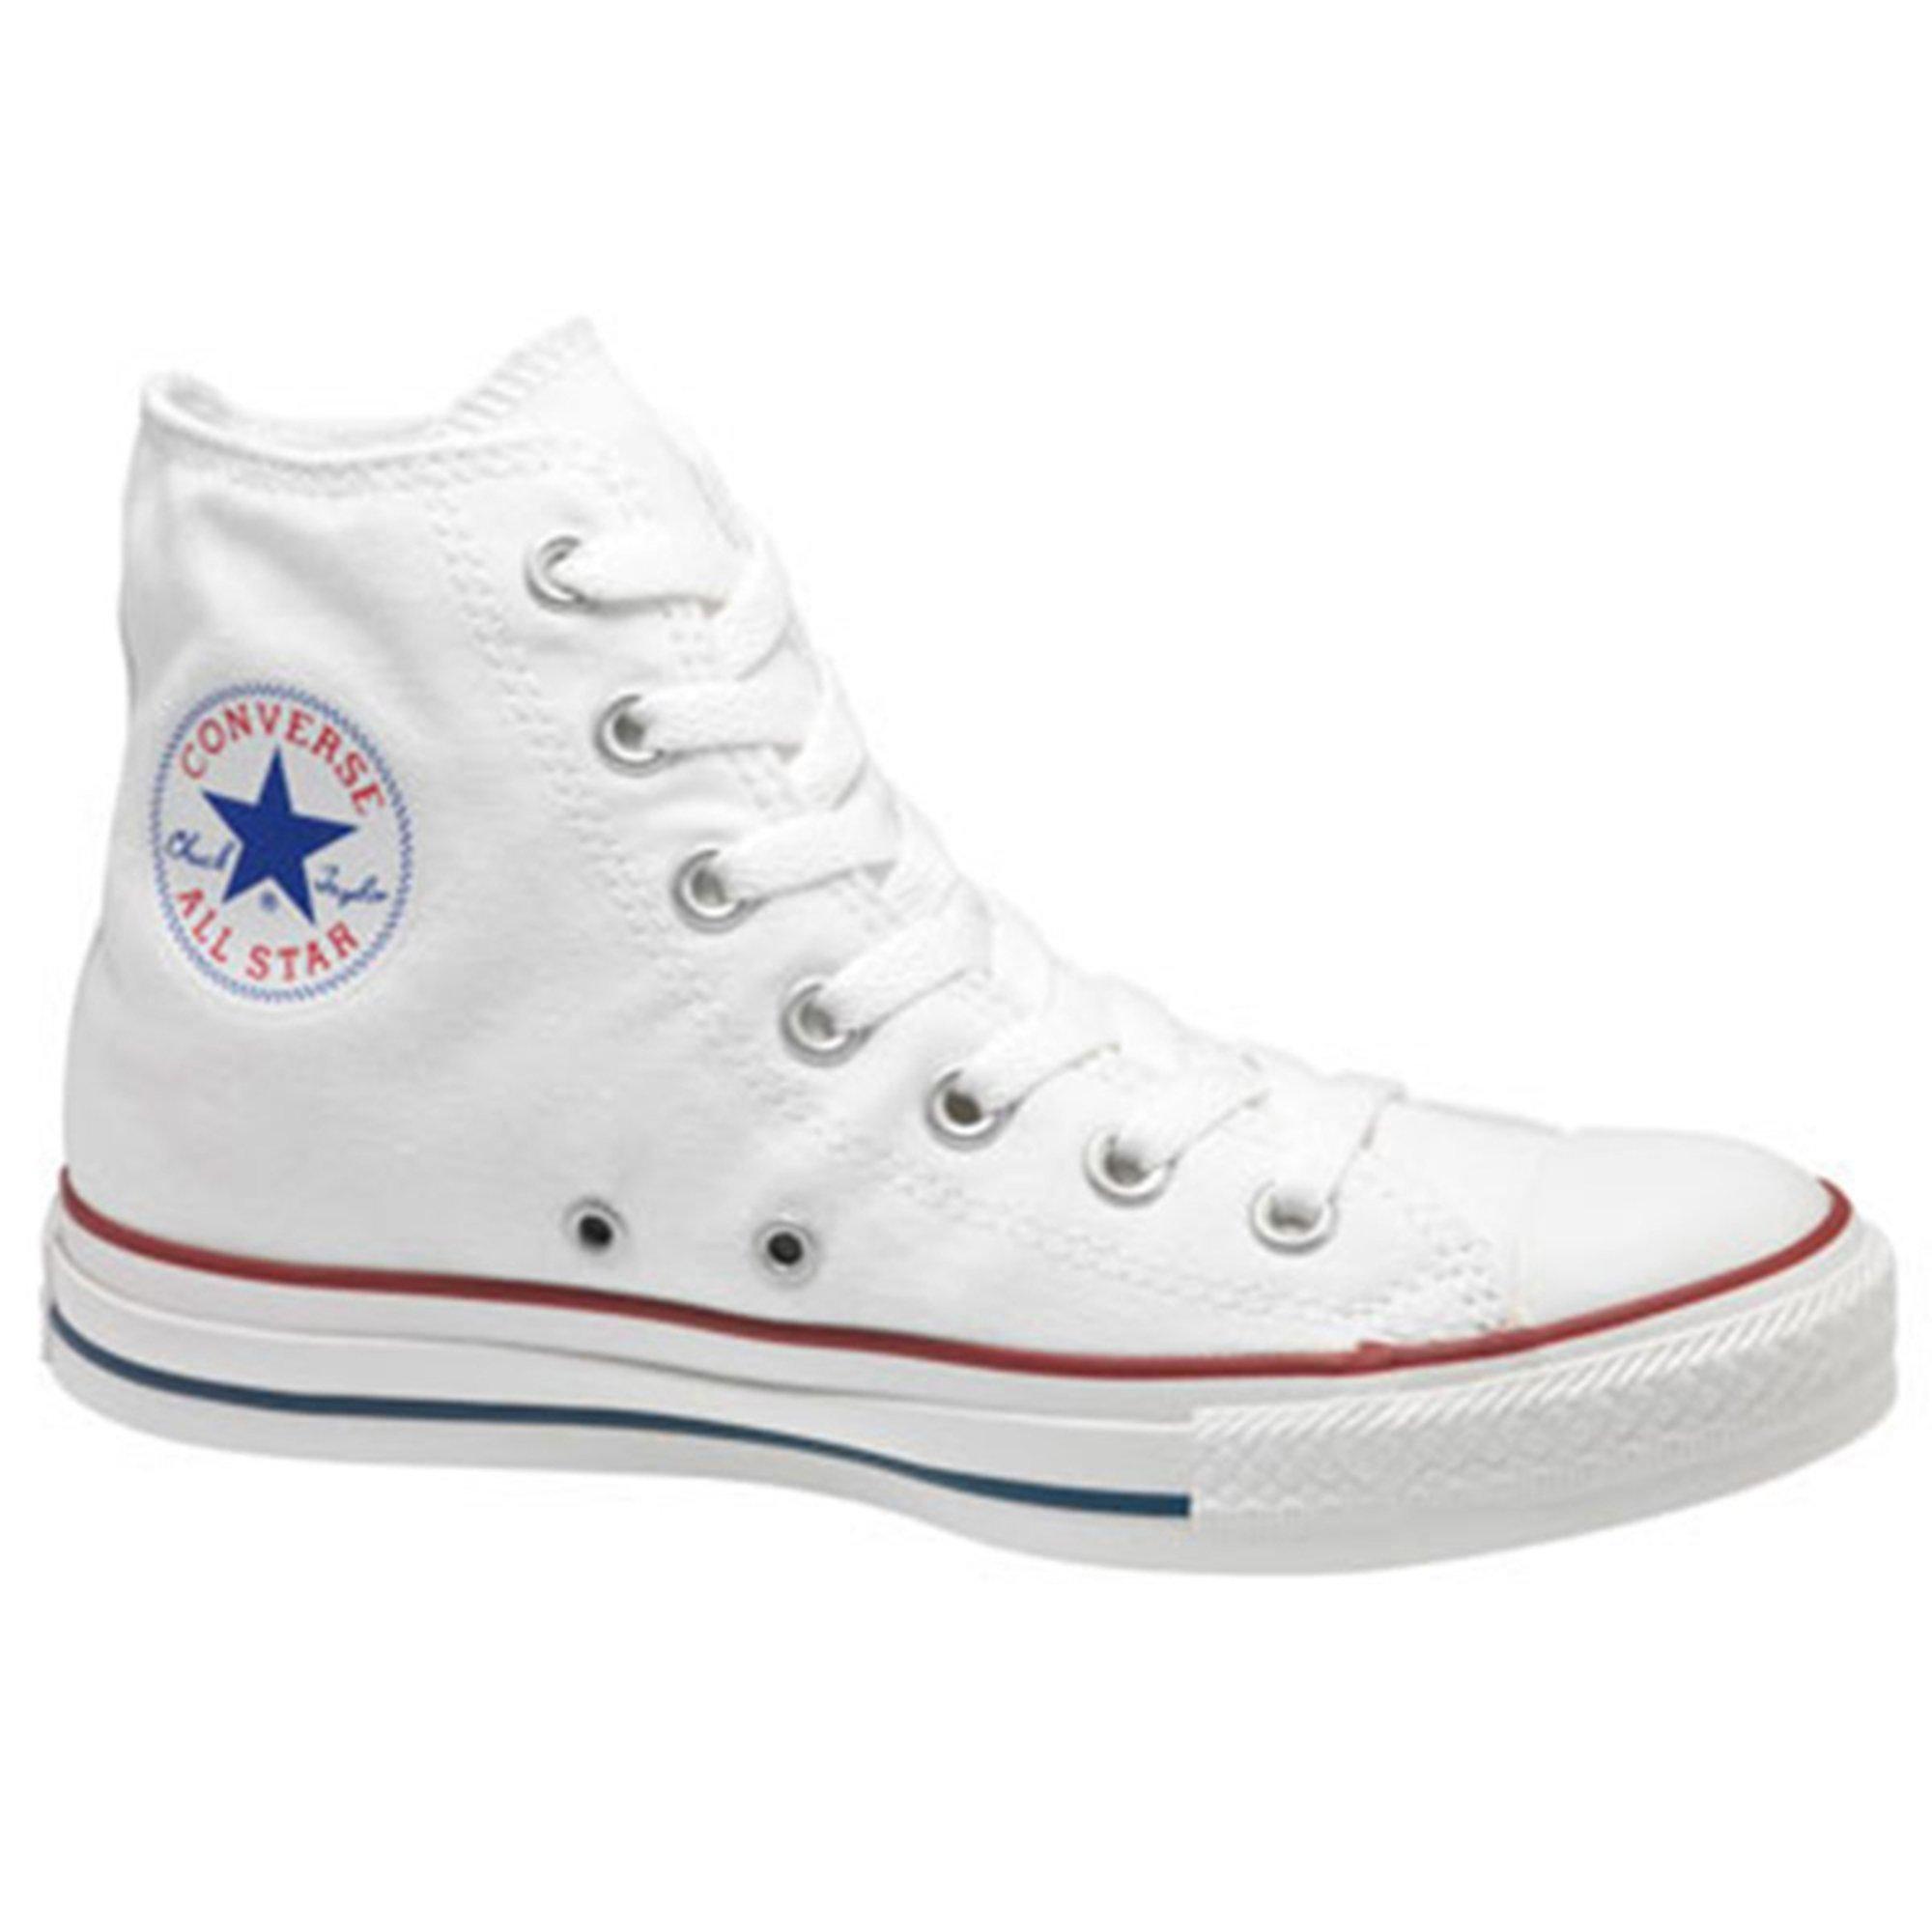 cd27a33e4542 Converse Men s Chuck Taylor All Star Hi Top Basketball Shoe